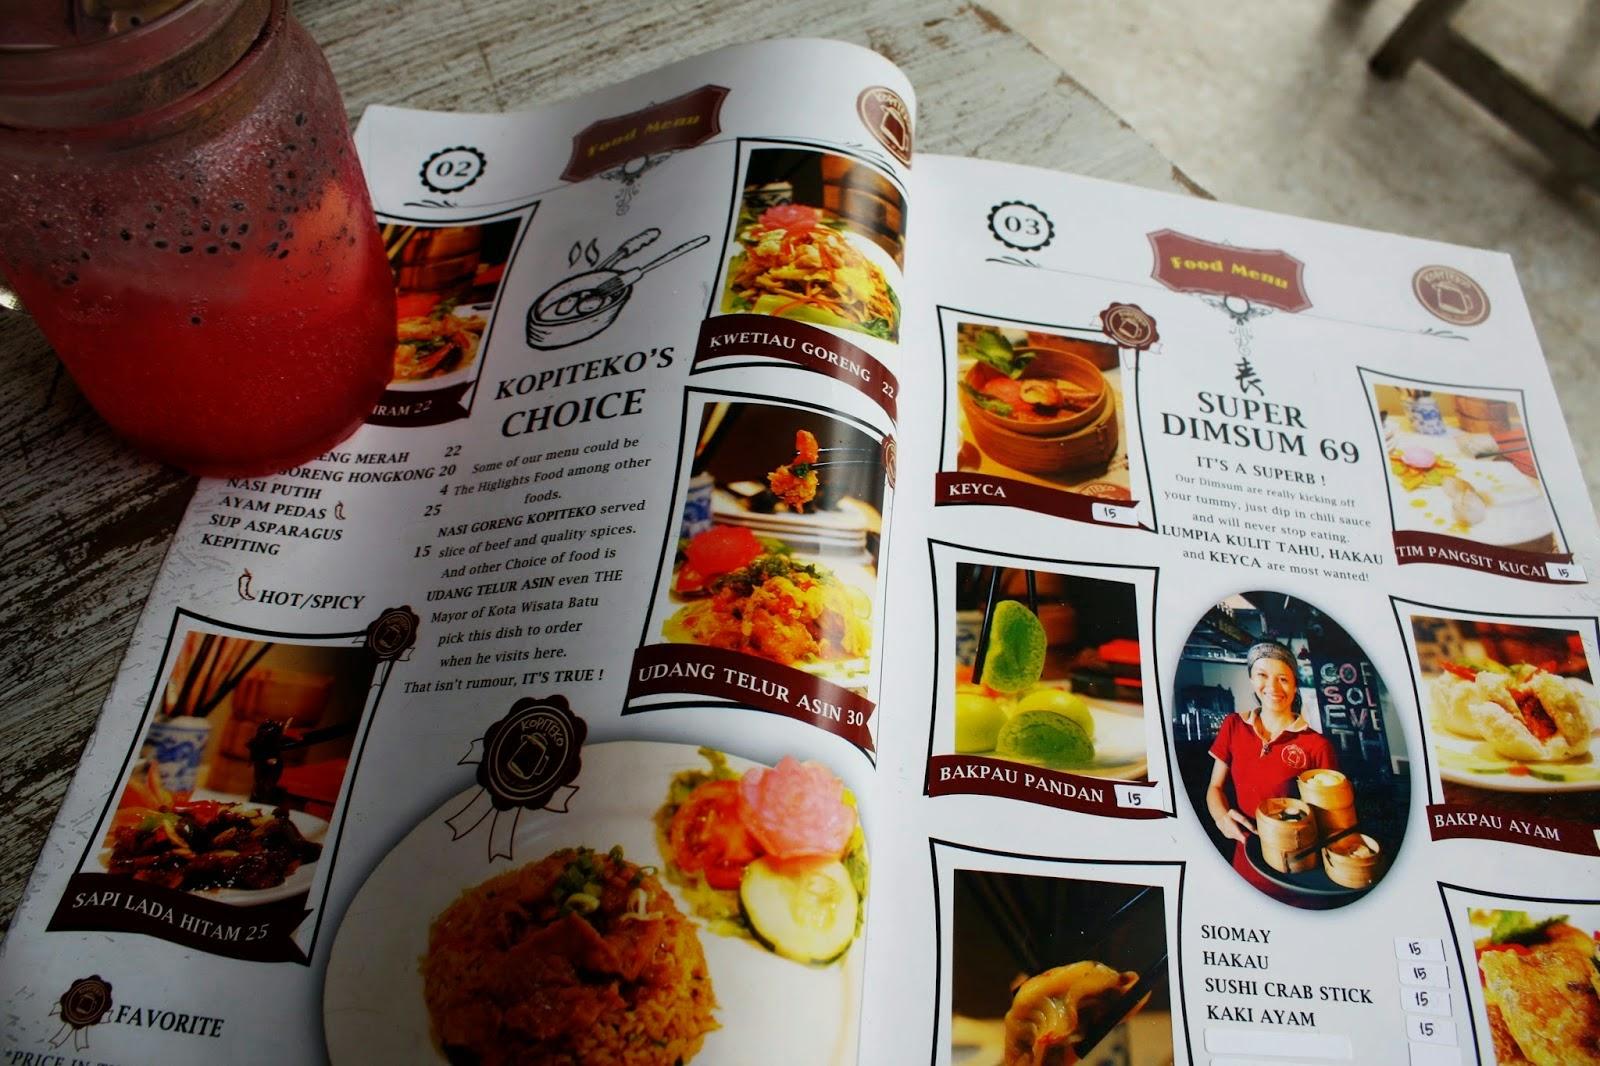 Tempat wisata dan kuliner terbaru kopi teko malang for Felix fish camp menu